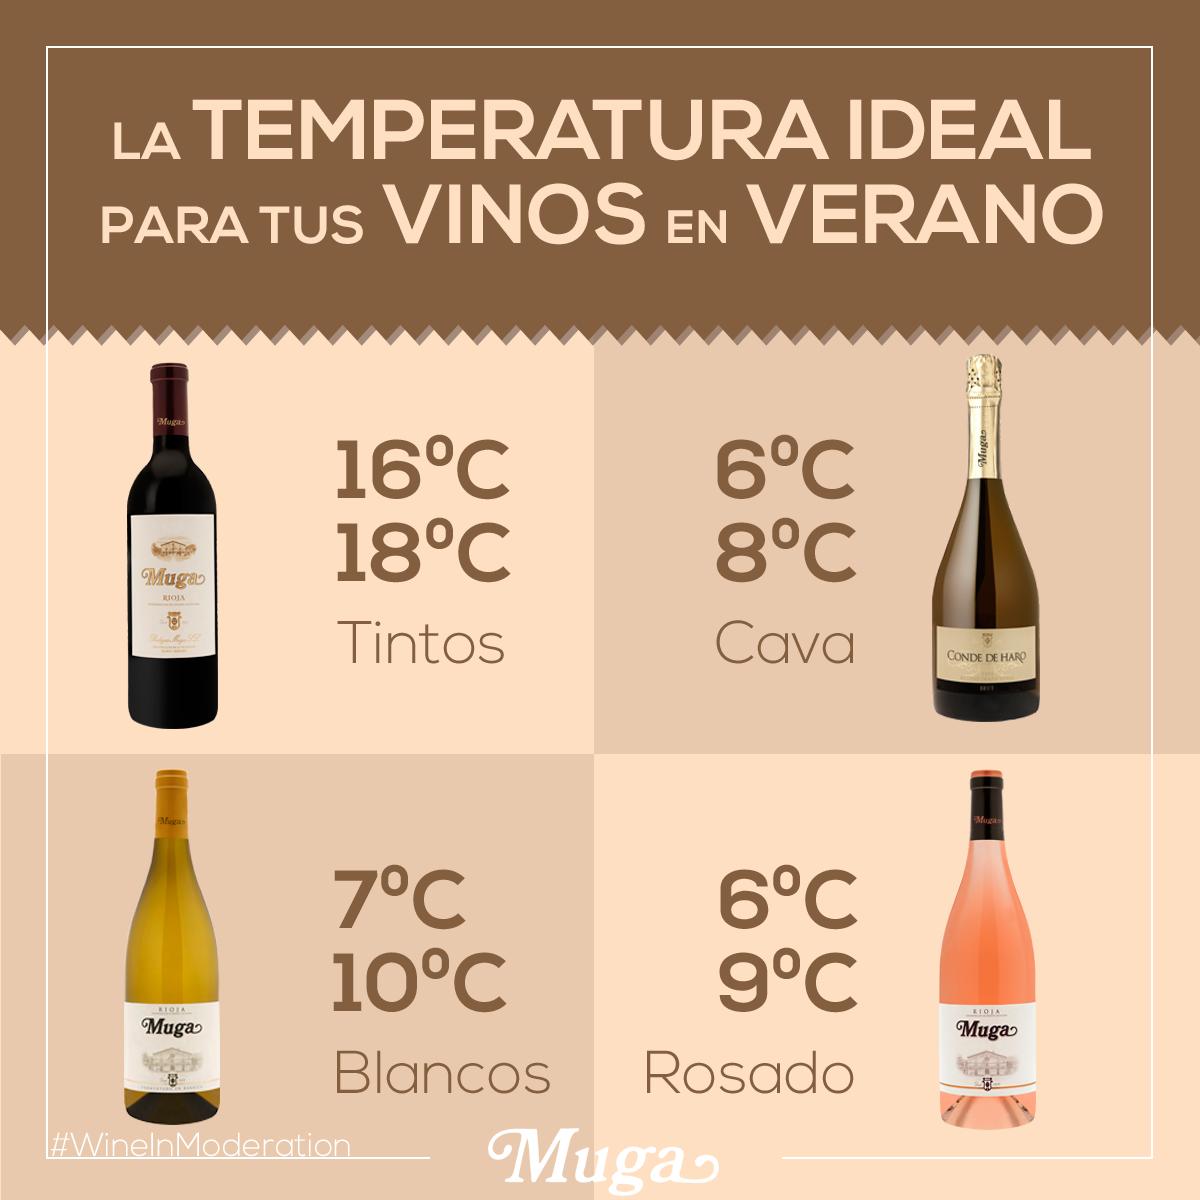 Olvídate De La Famosa Temperatura Ambiente Y Disfruta De Cada Vino A Su Temperatura Correcta Toma Nota Forget The Fam Vinos Bodegas Muga Vino Tinto